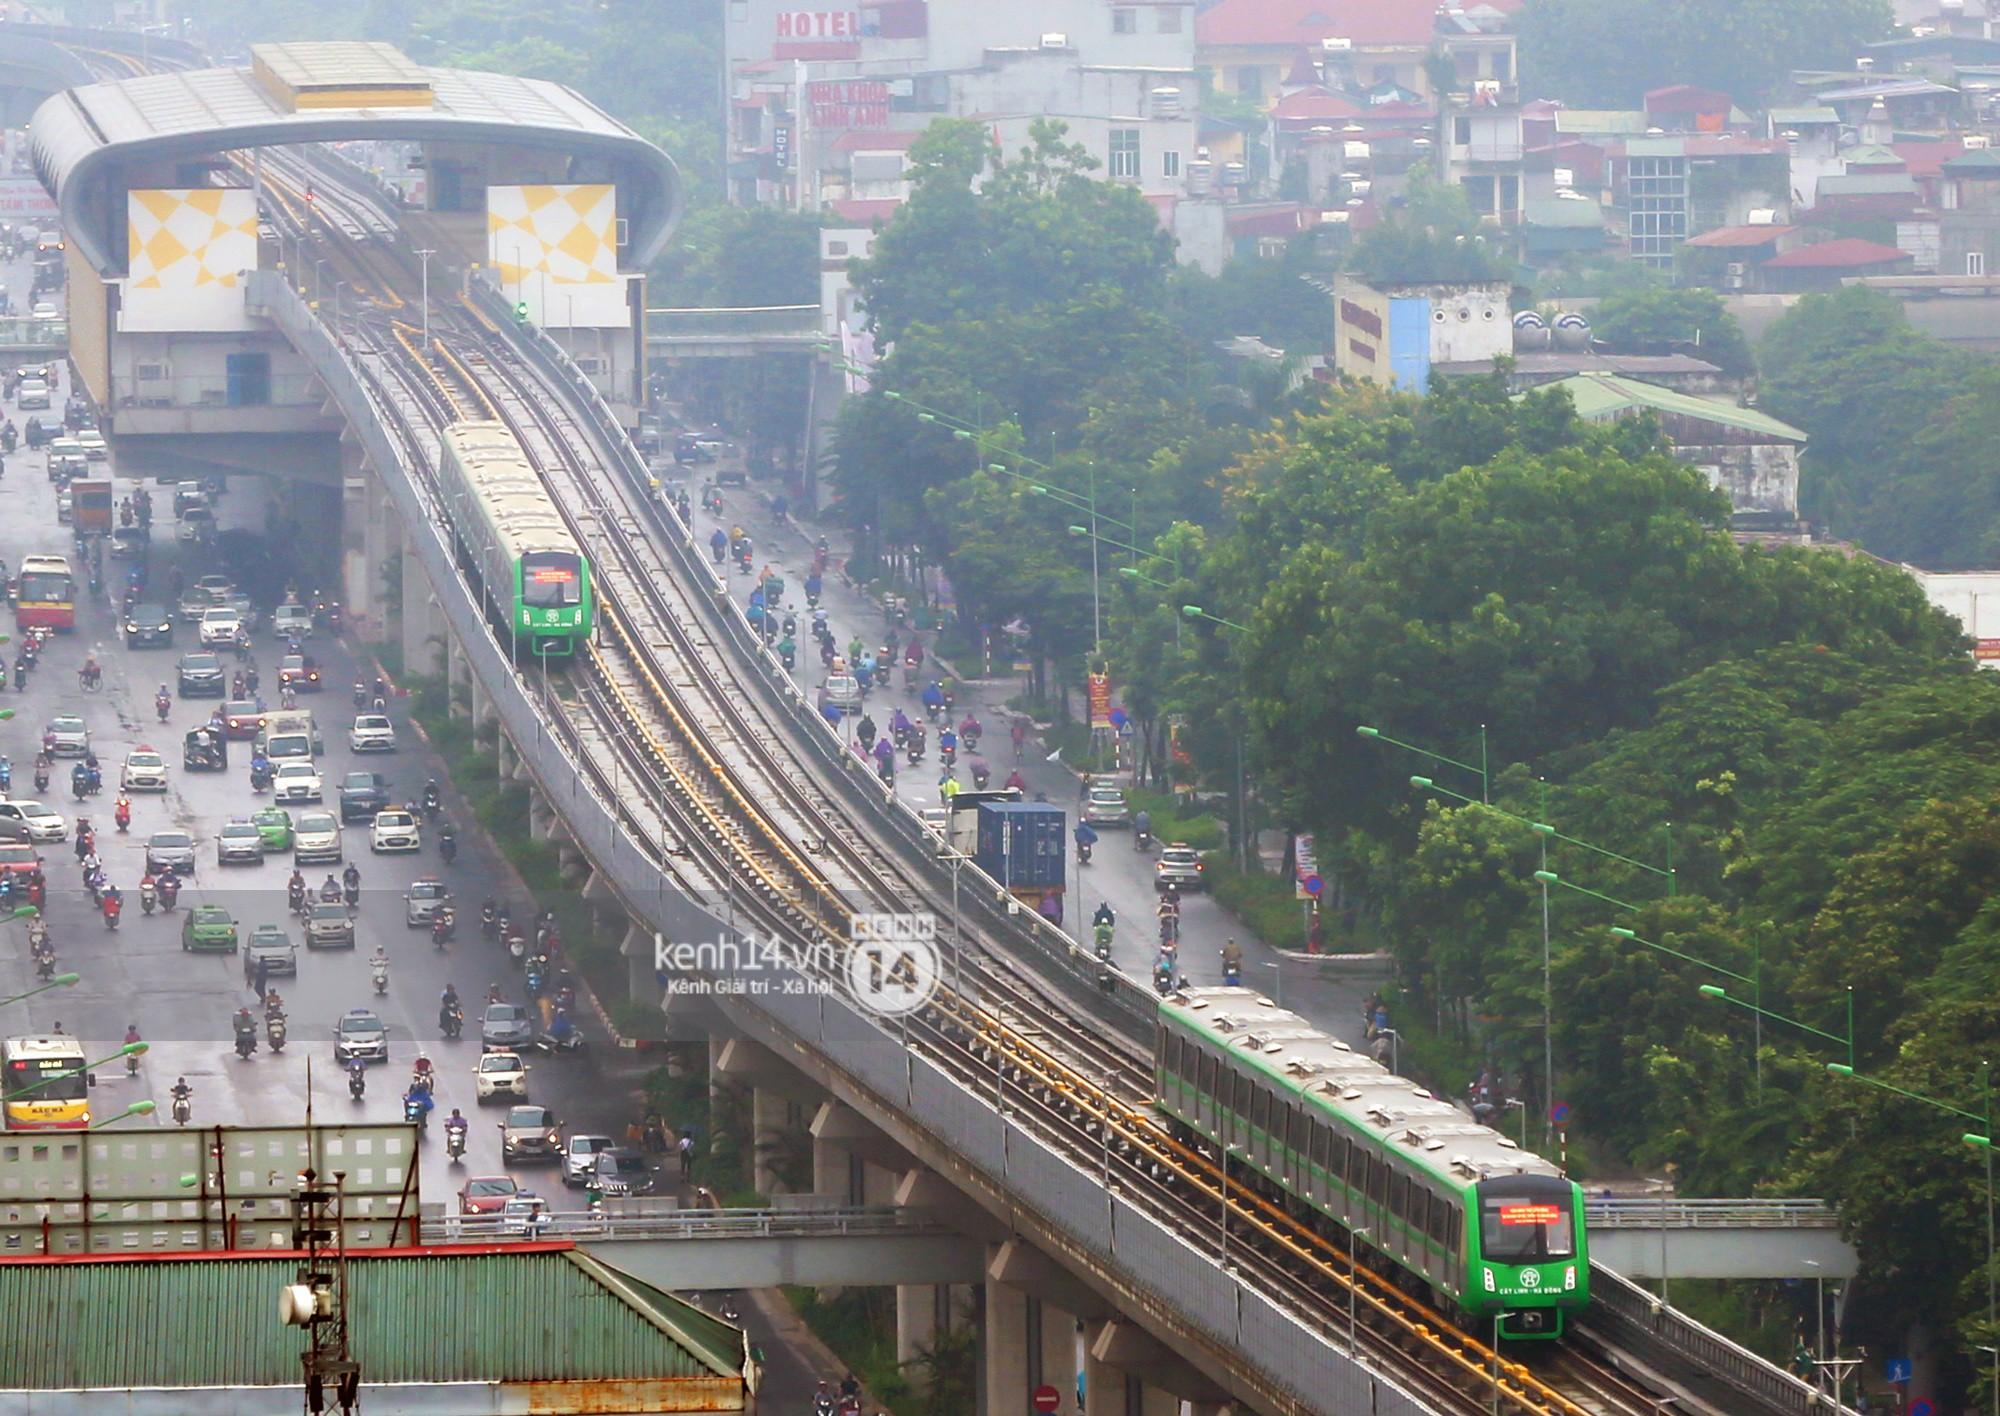 4 đoàn tàu đường sắt trên cao bất ngờ di chuyển trong mưa trước ngày chạy thử-10